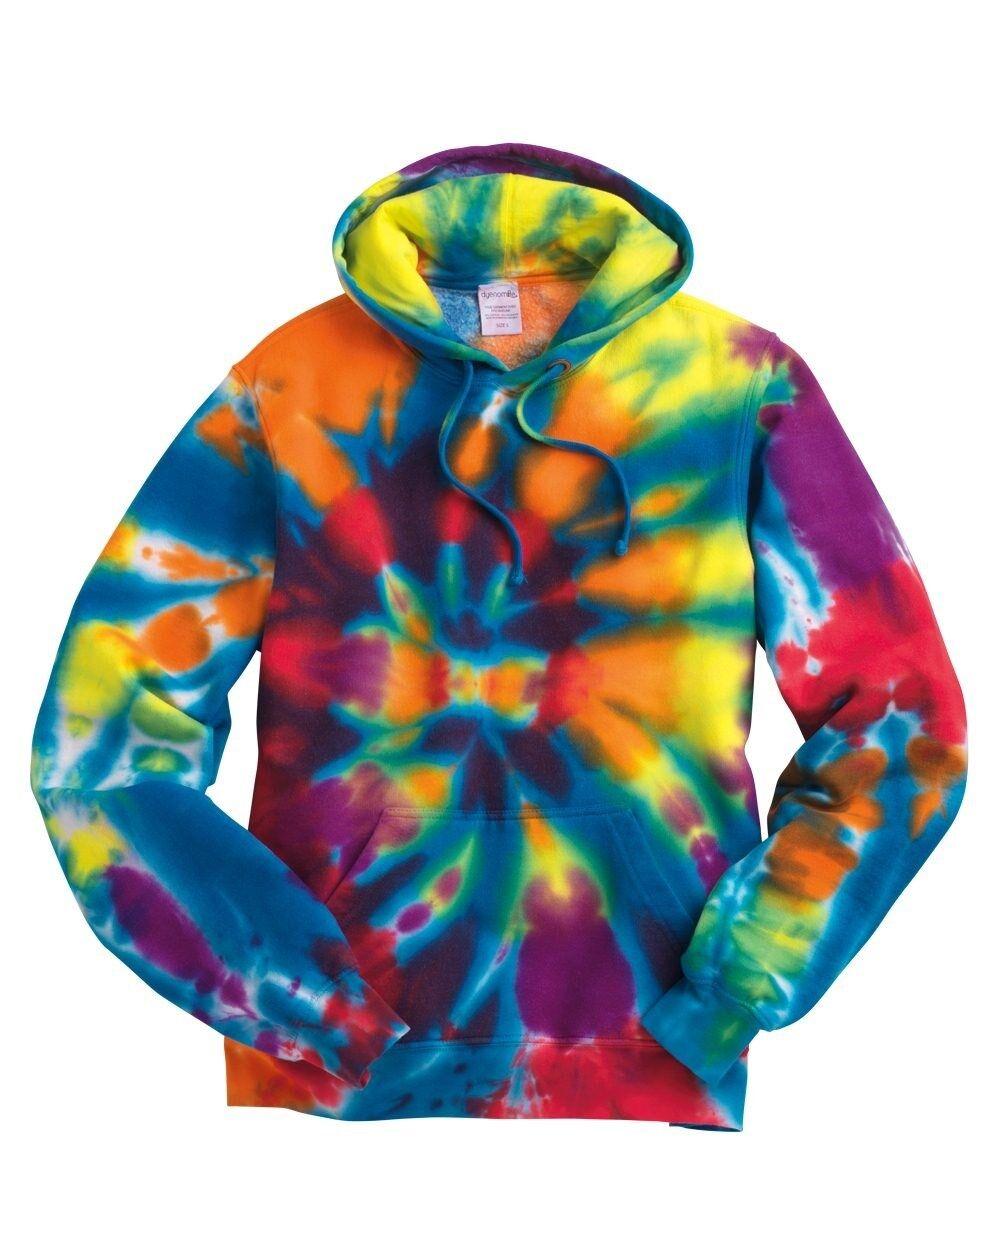 gran venta c15d9 03230 Detalles de Tie-Dye Espiral Arco Iris Hombre TALLAS CH-EG 2XL 3XL Sudadera  con Capucha Nuevo